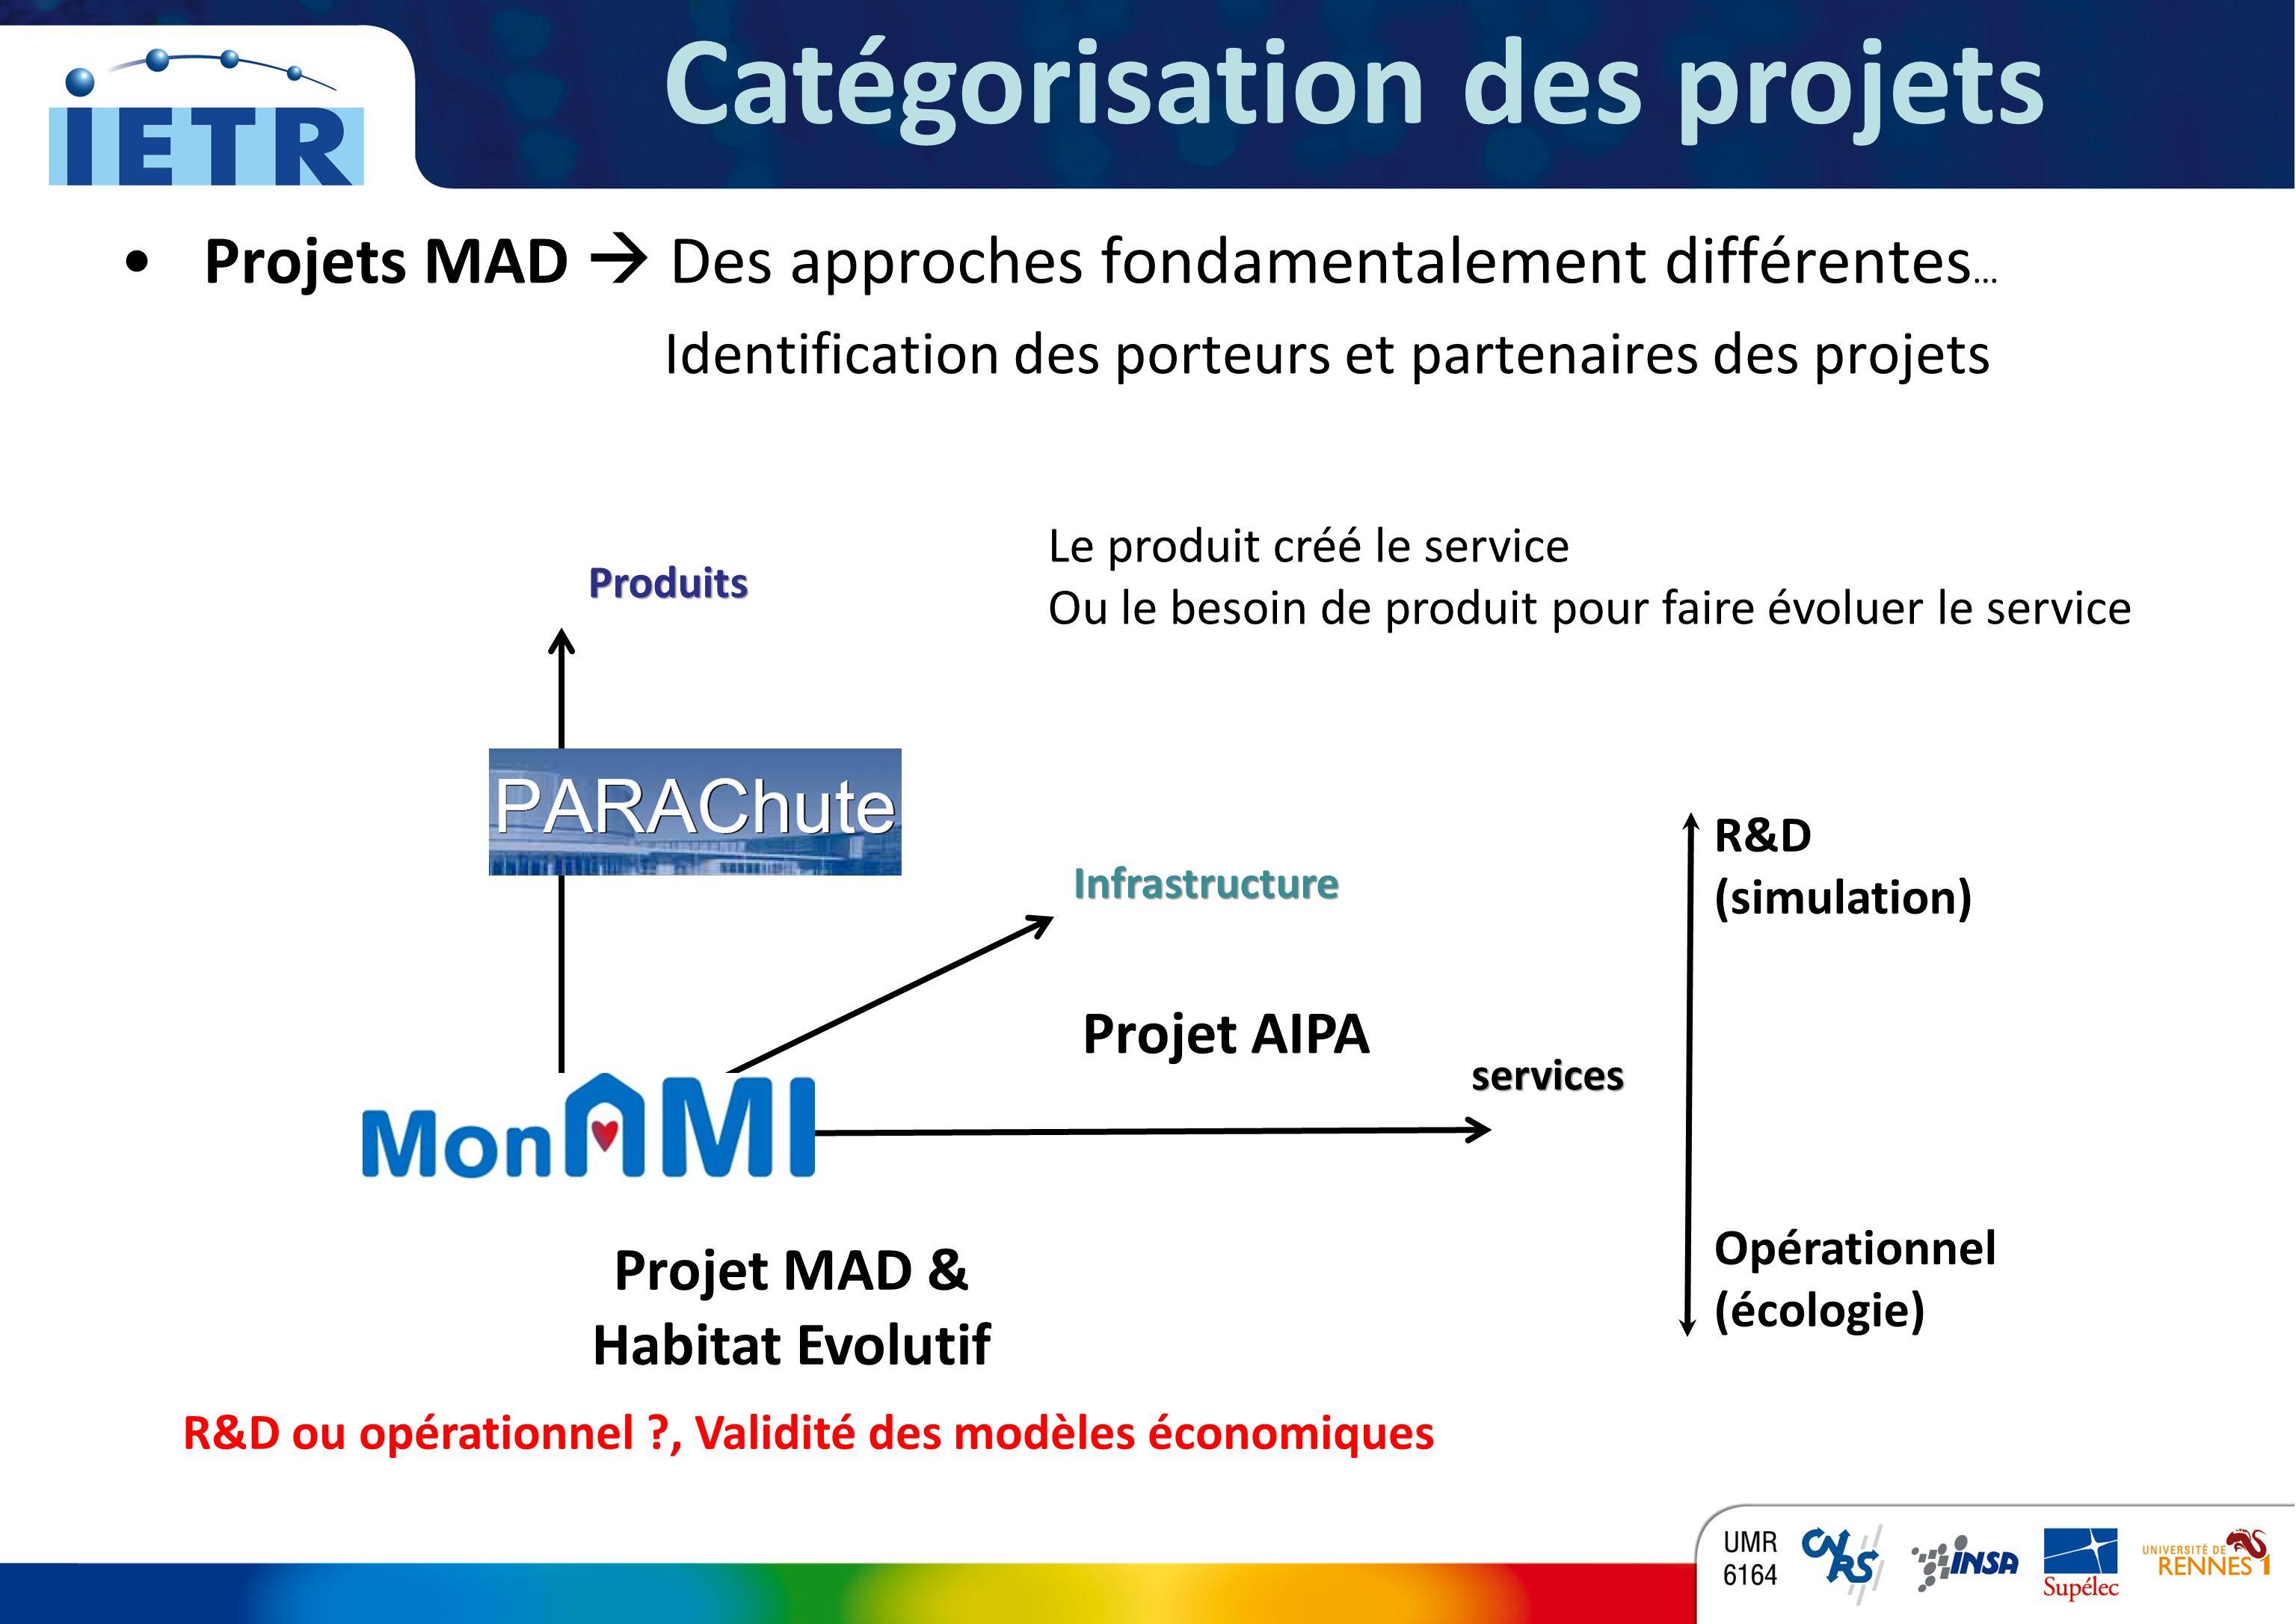 Catégorisation des projets